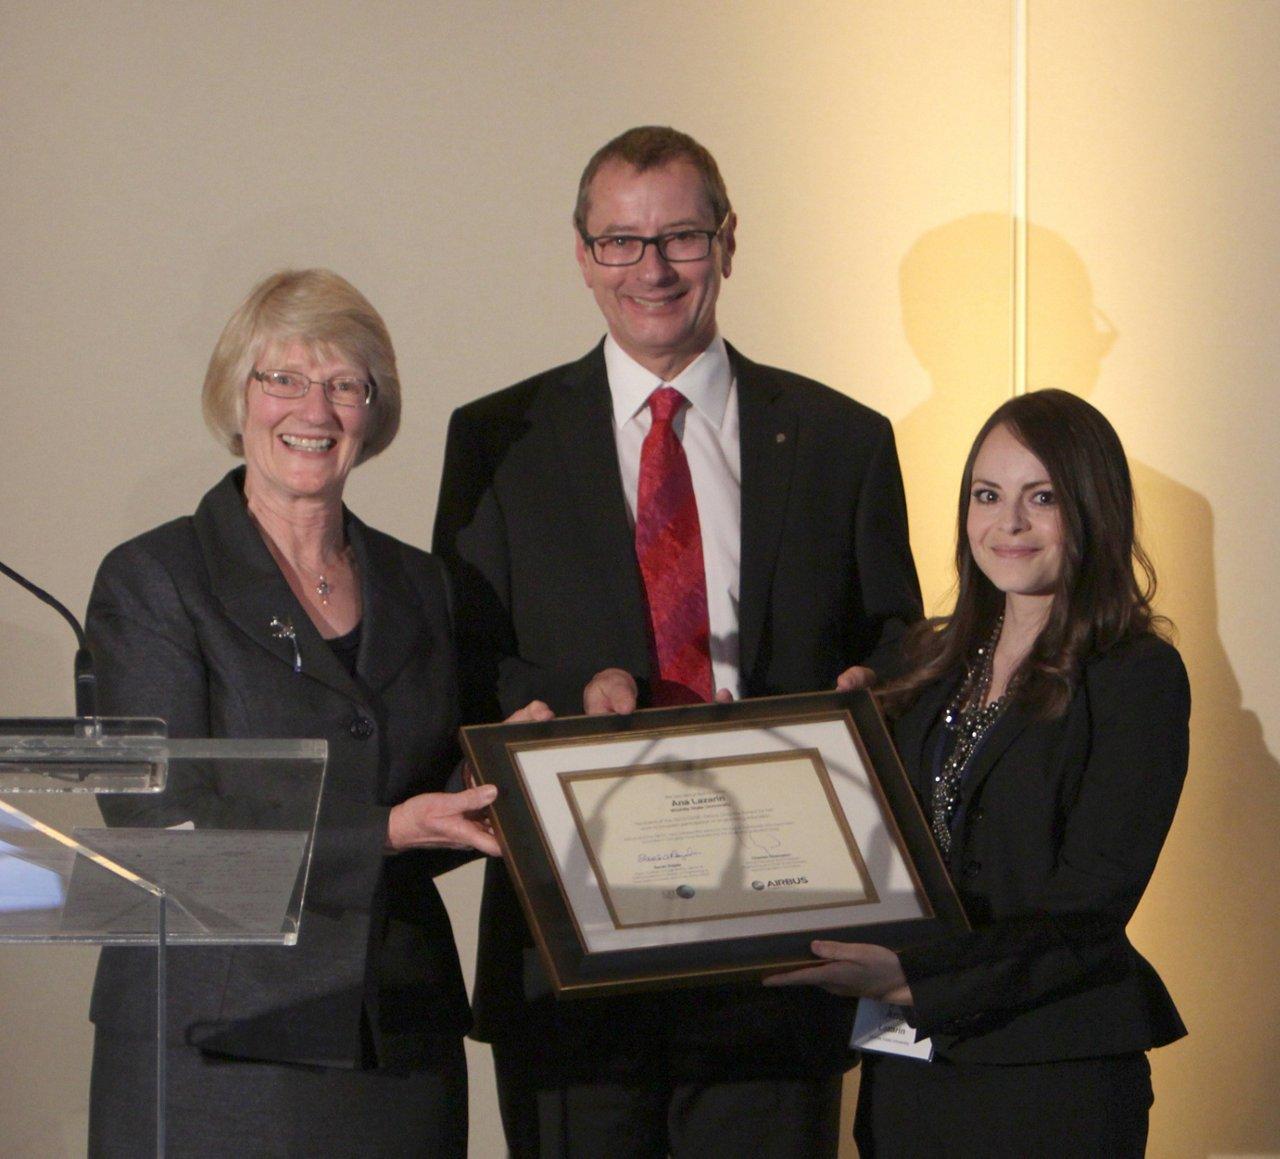 Airbus GEDC Diversity Award 2013